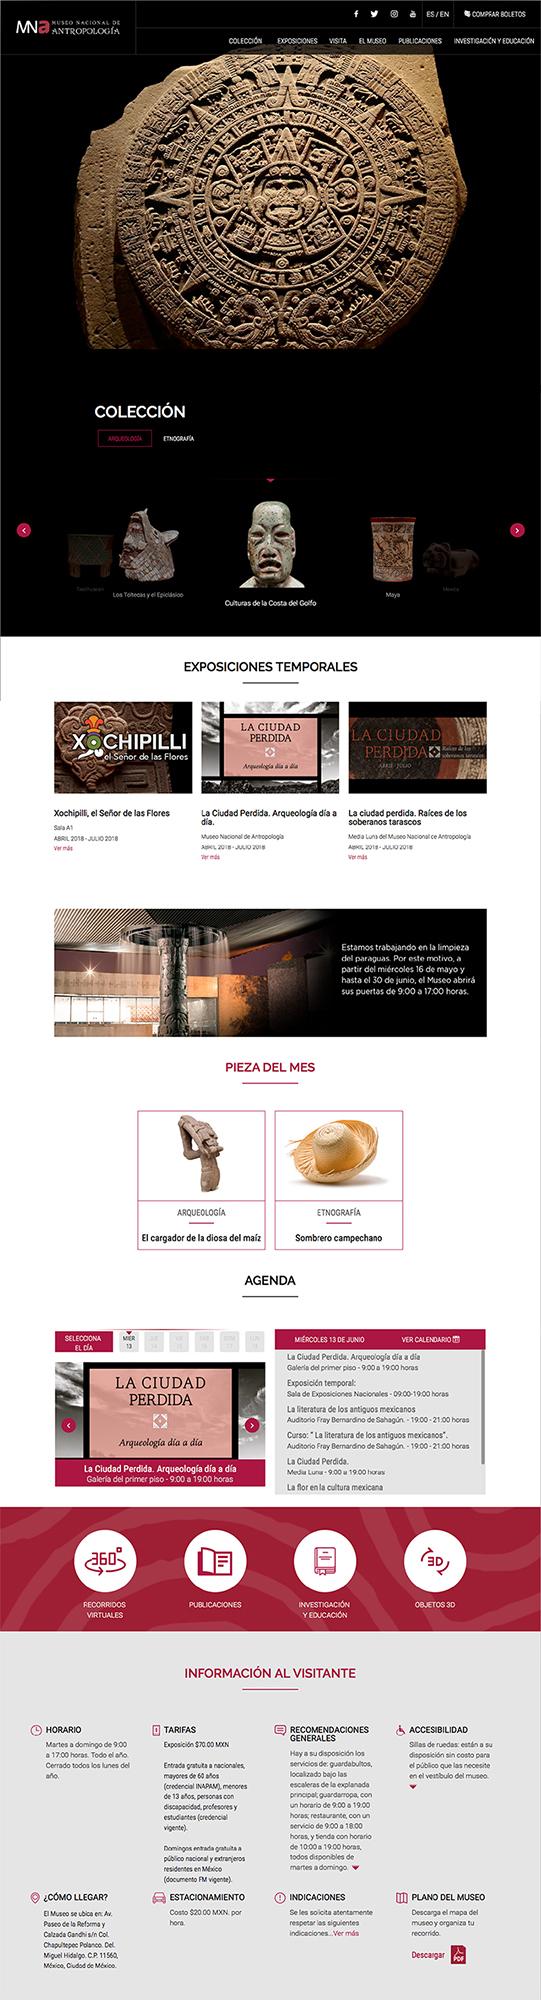 Graphic interface of Museos de México